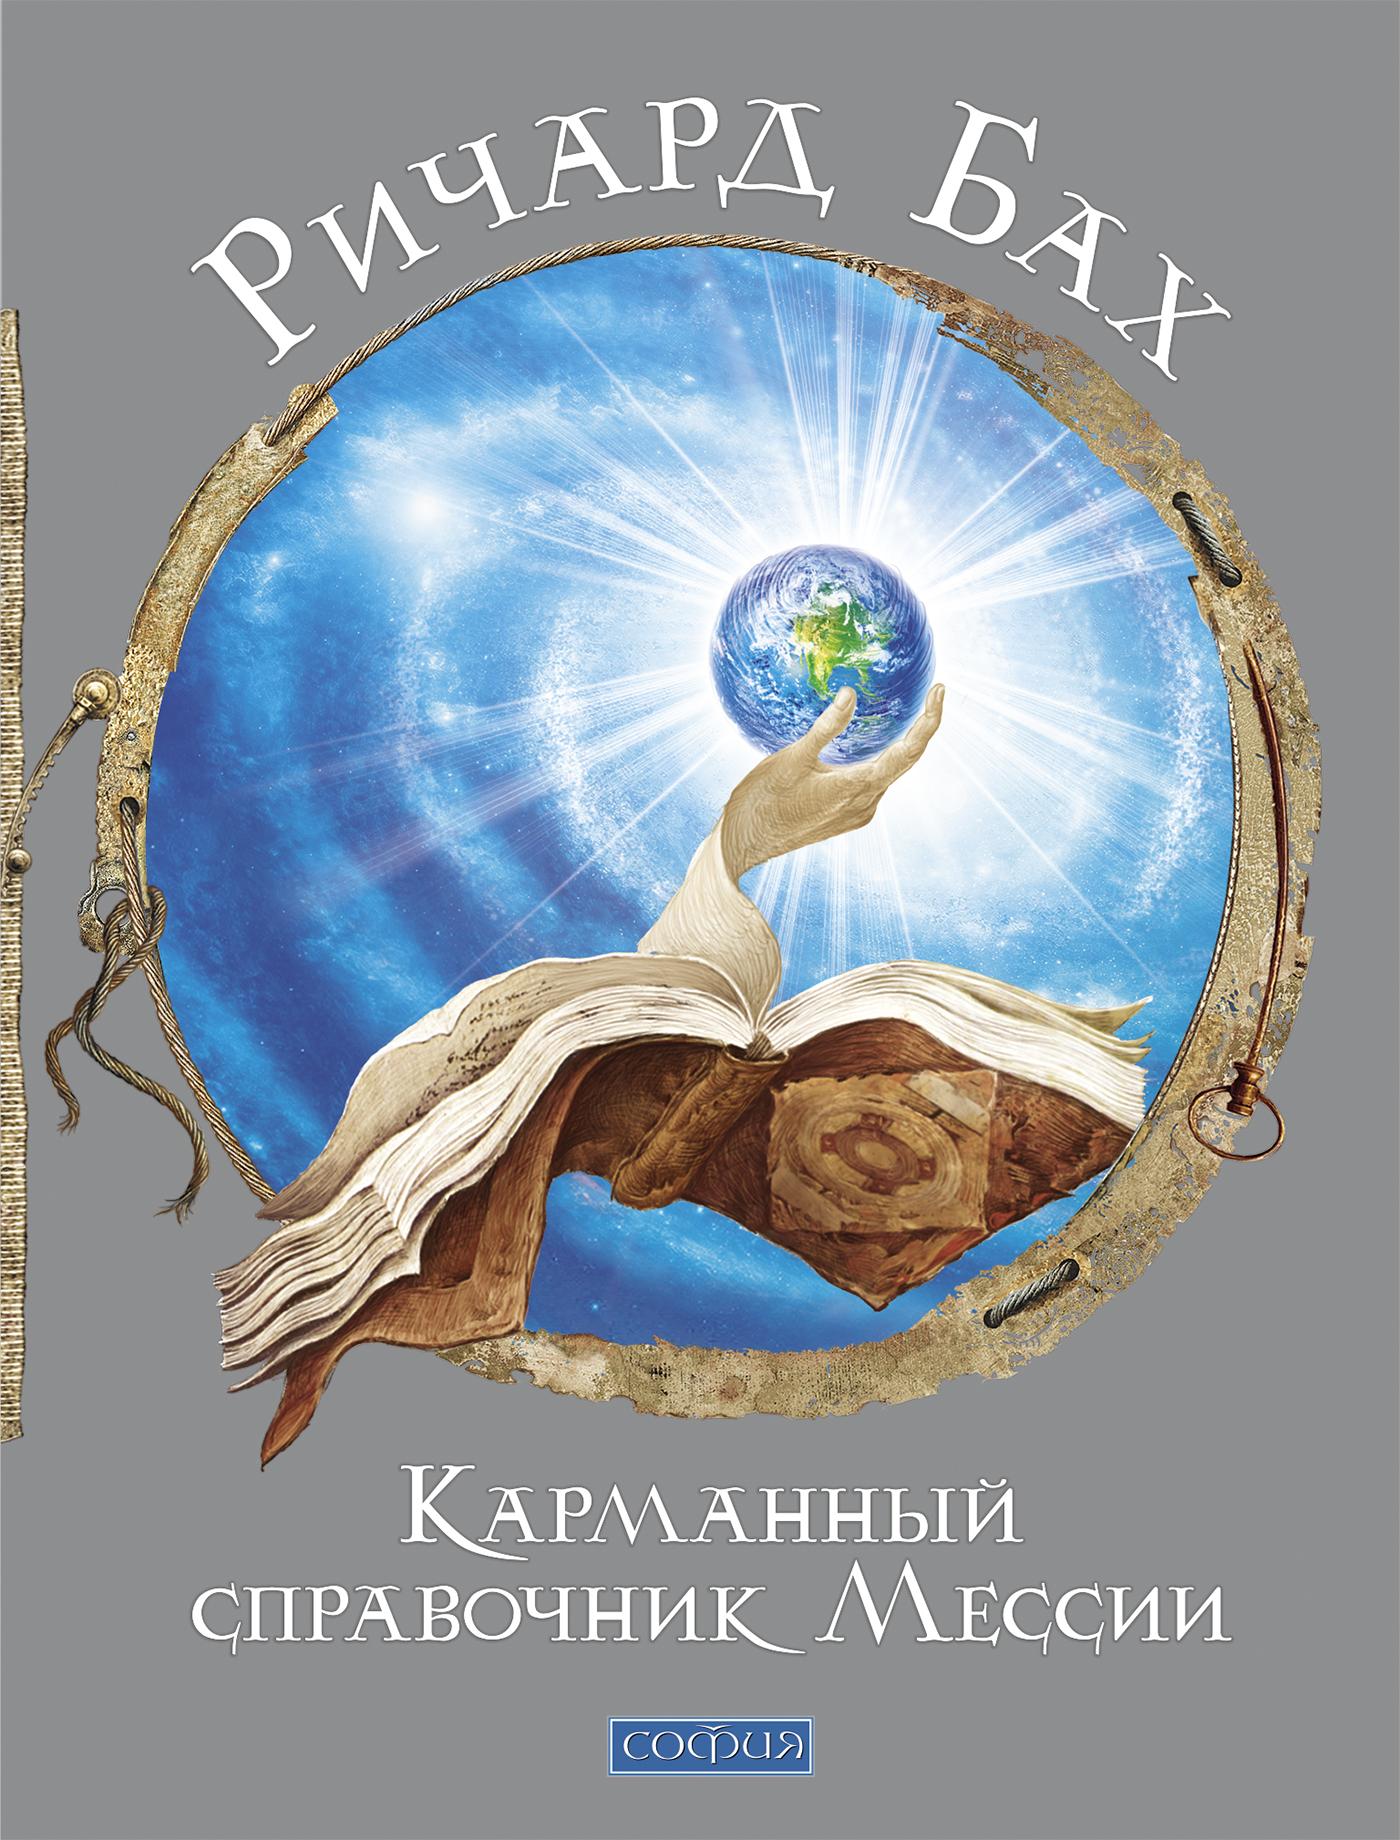 Ричард Бах «Карманный справочник Мессии»